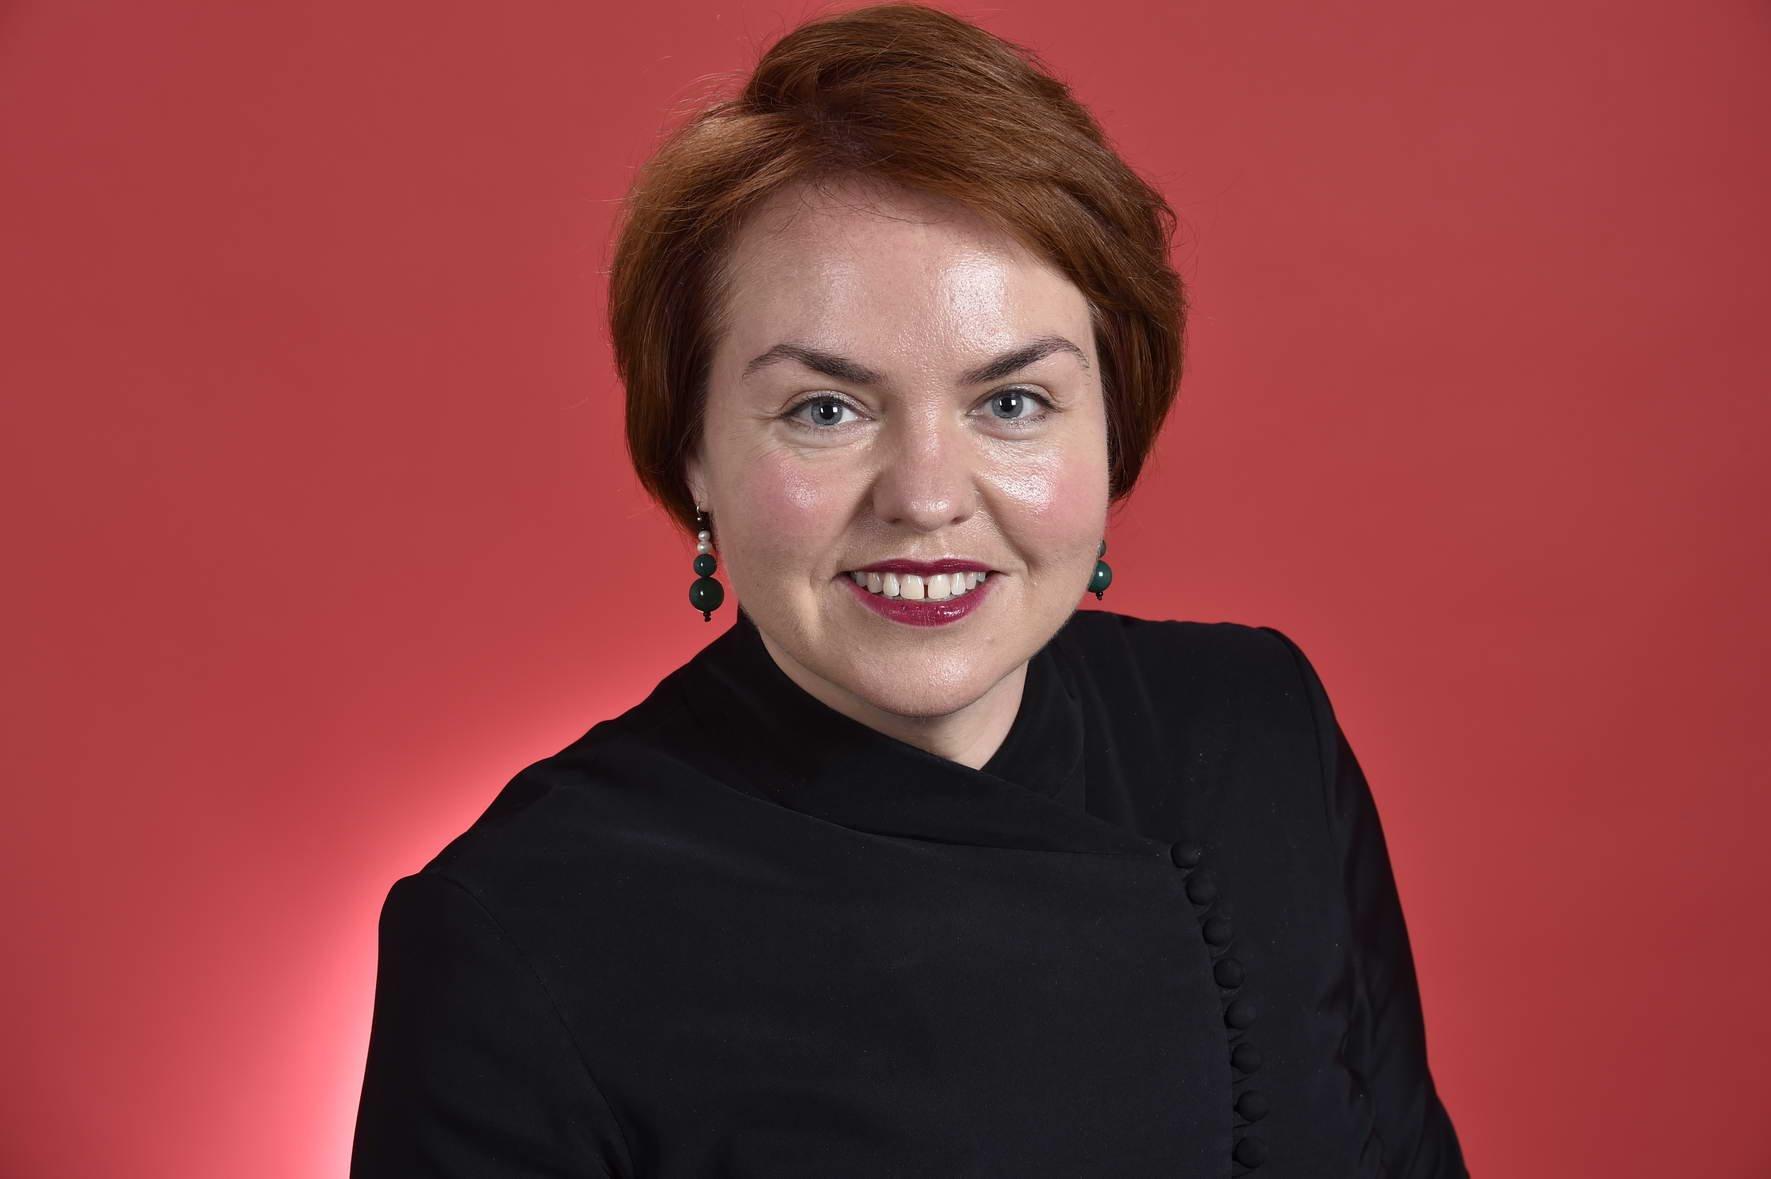 澳洲工黨參議員基欽(Kimberley Kitching)在聯合國圓桌會議上發言表示,中共霸權主義破壞世界秩序,呼籲建立印太地區新聯盟。(本人提供)